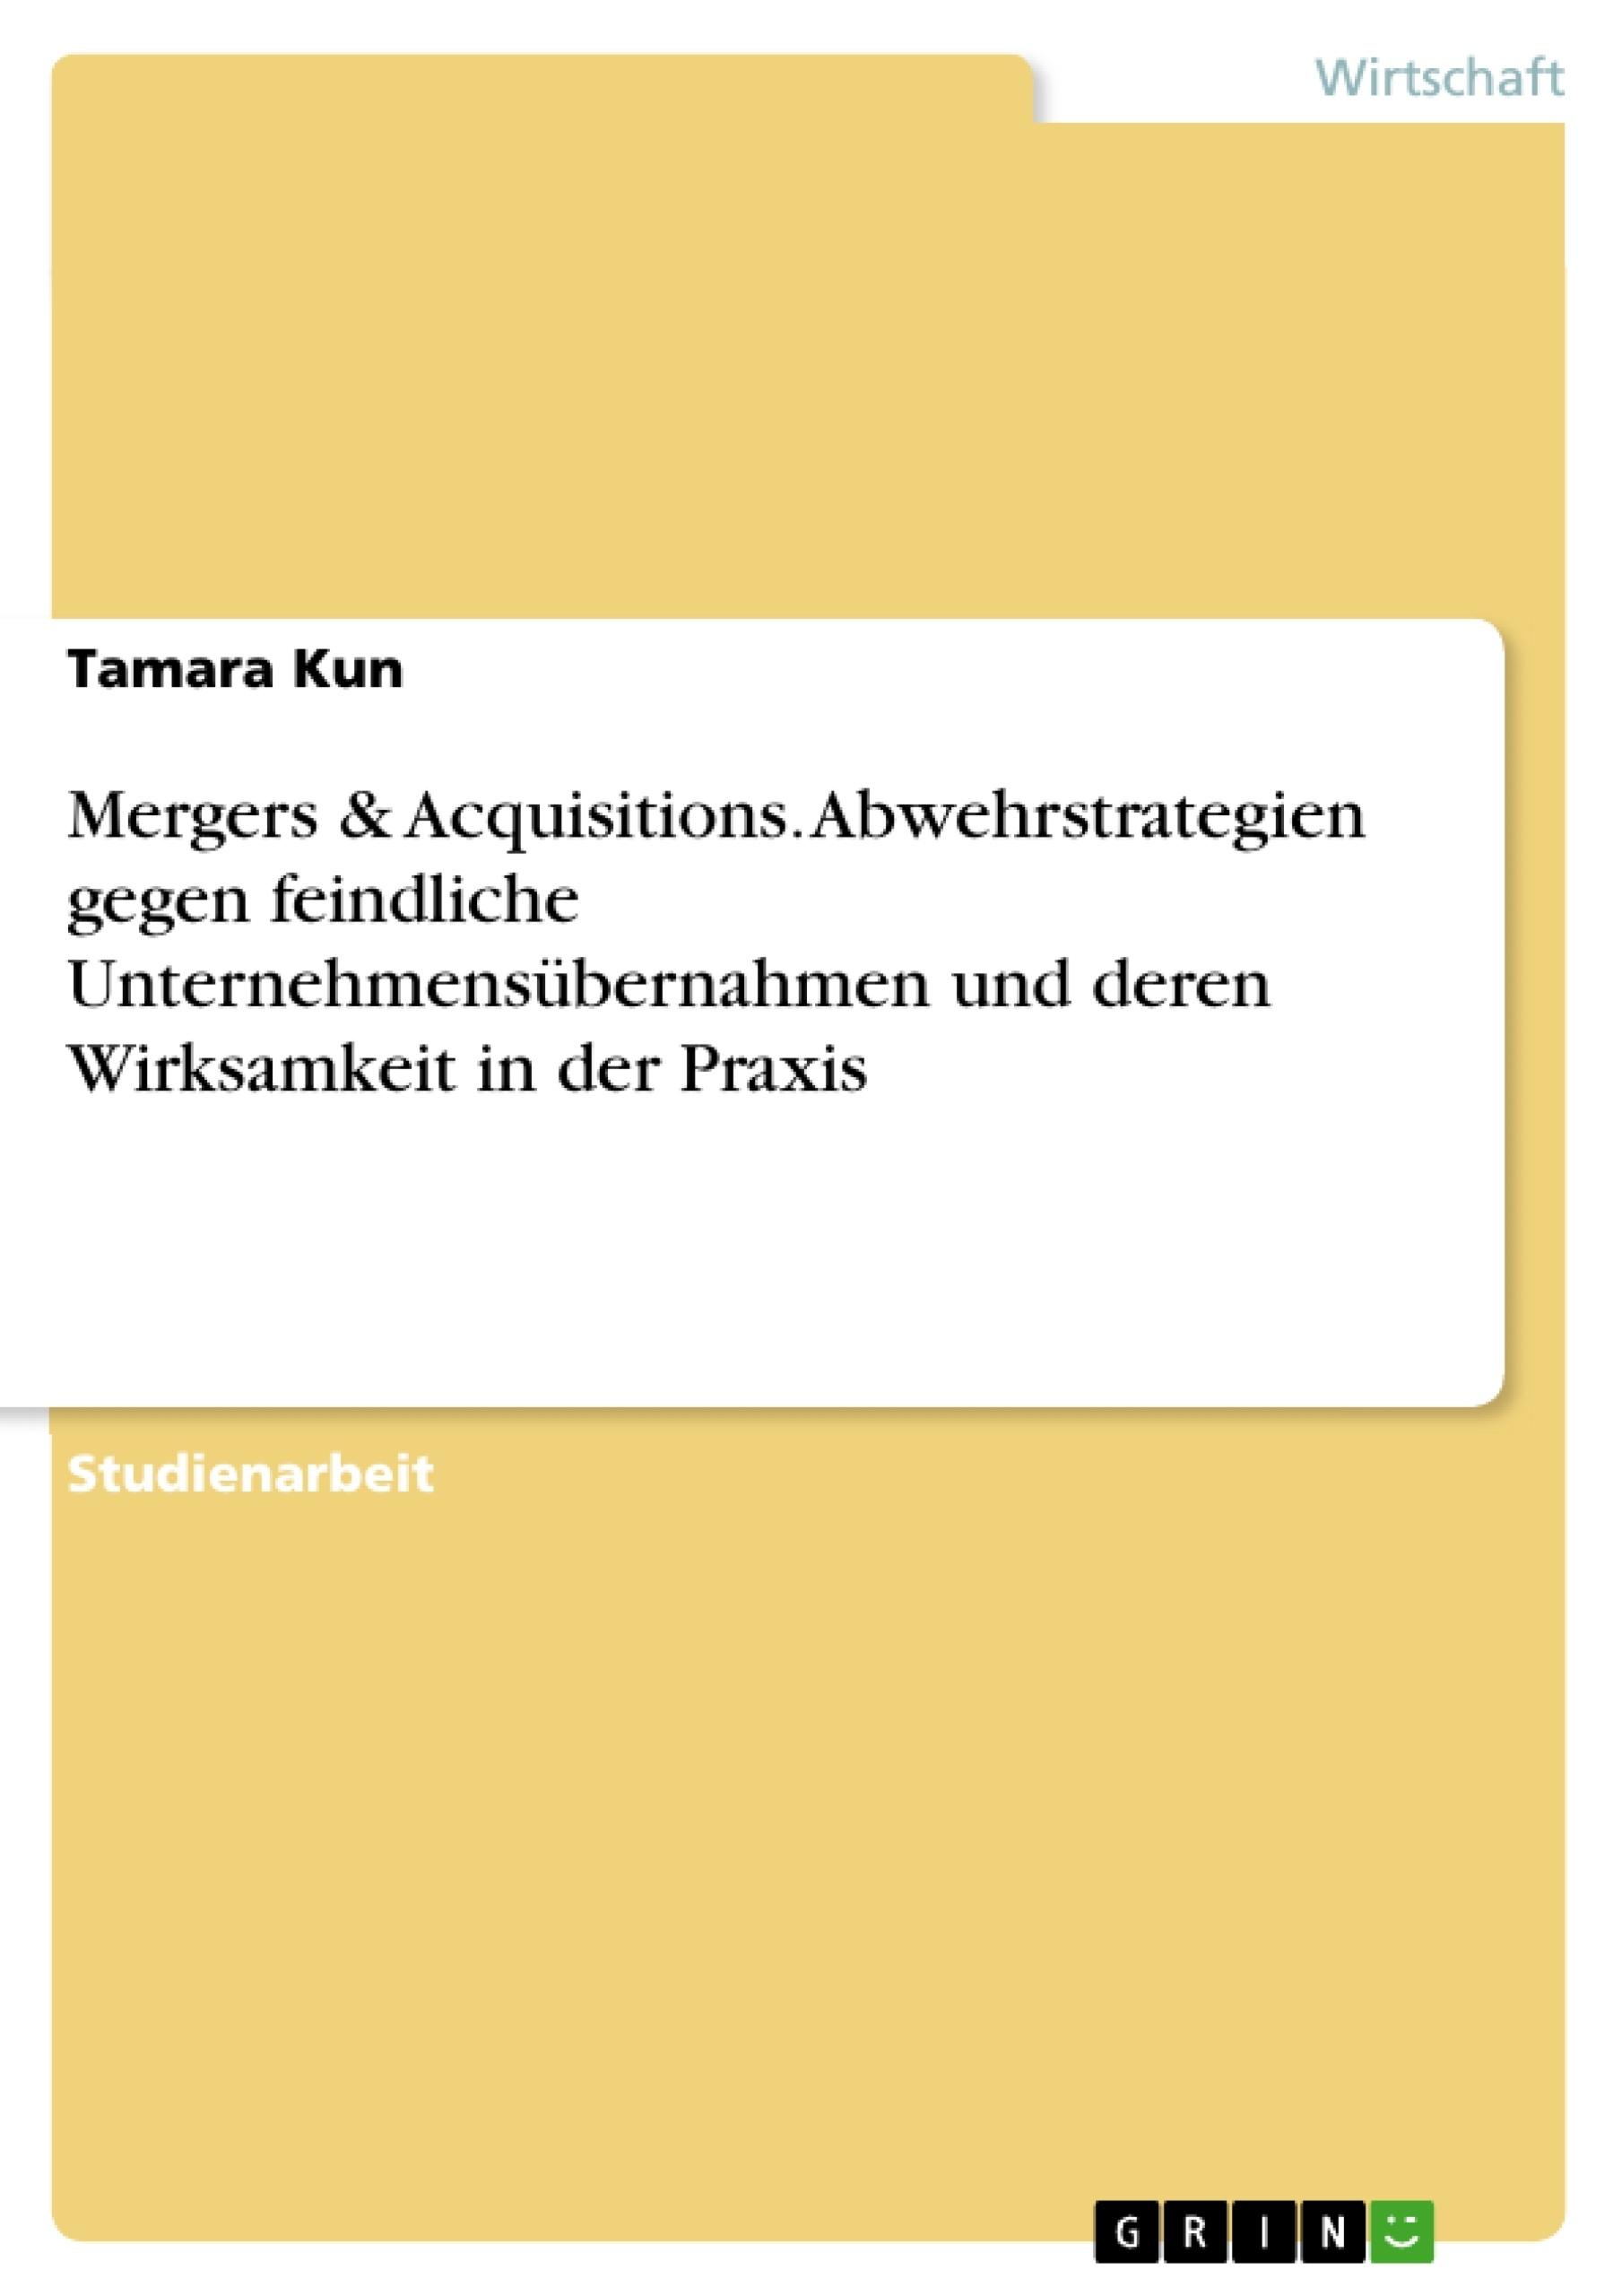 Titel: Mergers & Acquisitions. Abwehrstrategien gegen feindliche Unternehmensübernahmen und deren Wirksamkeit in der Praxis